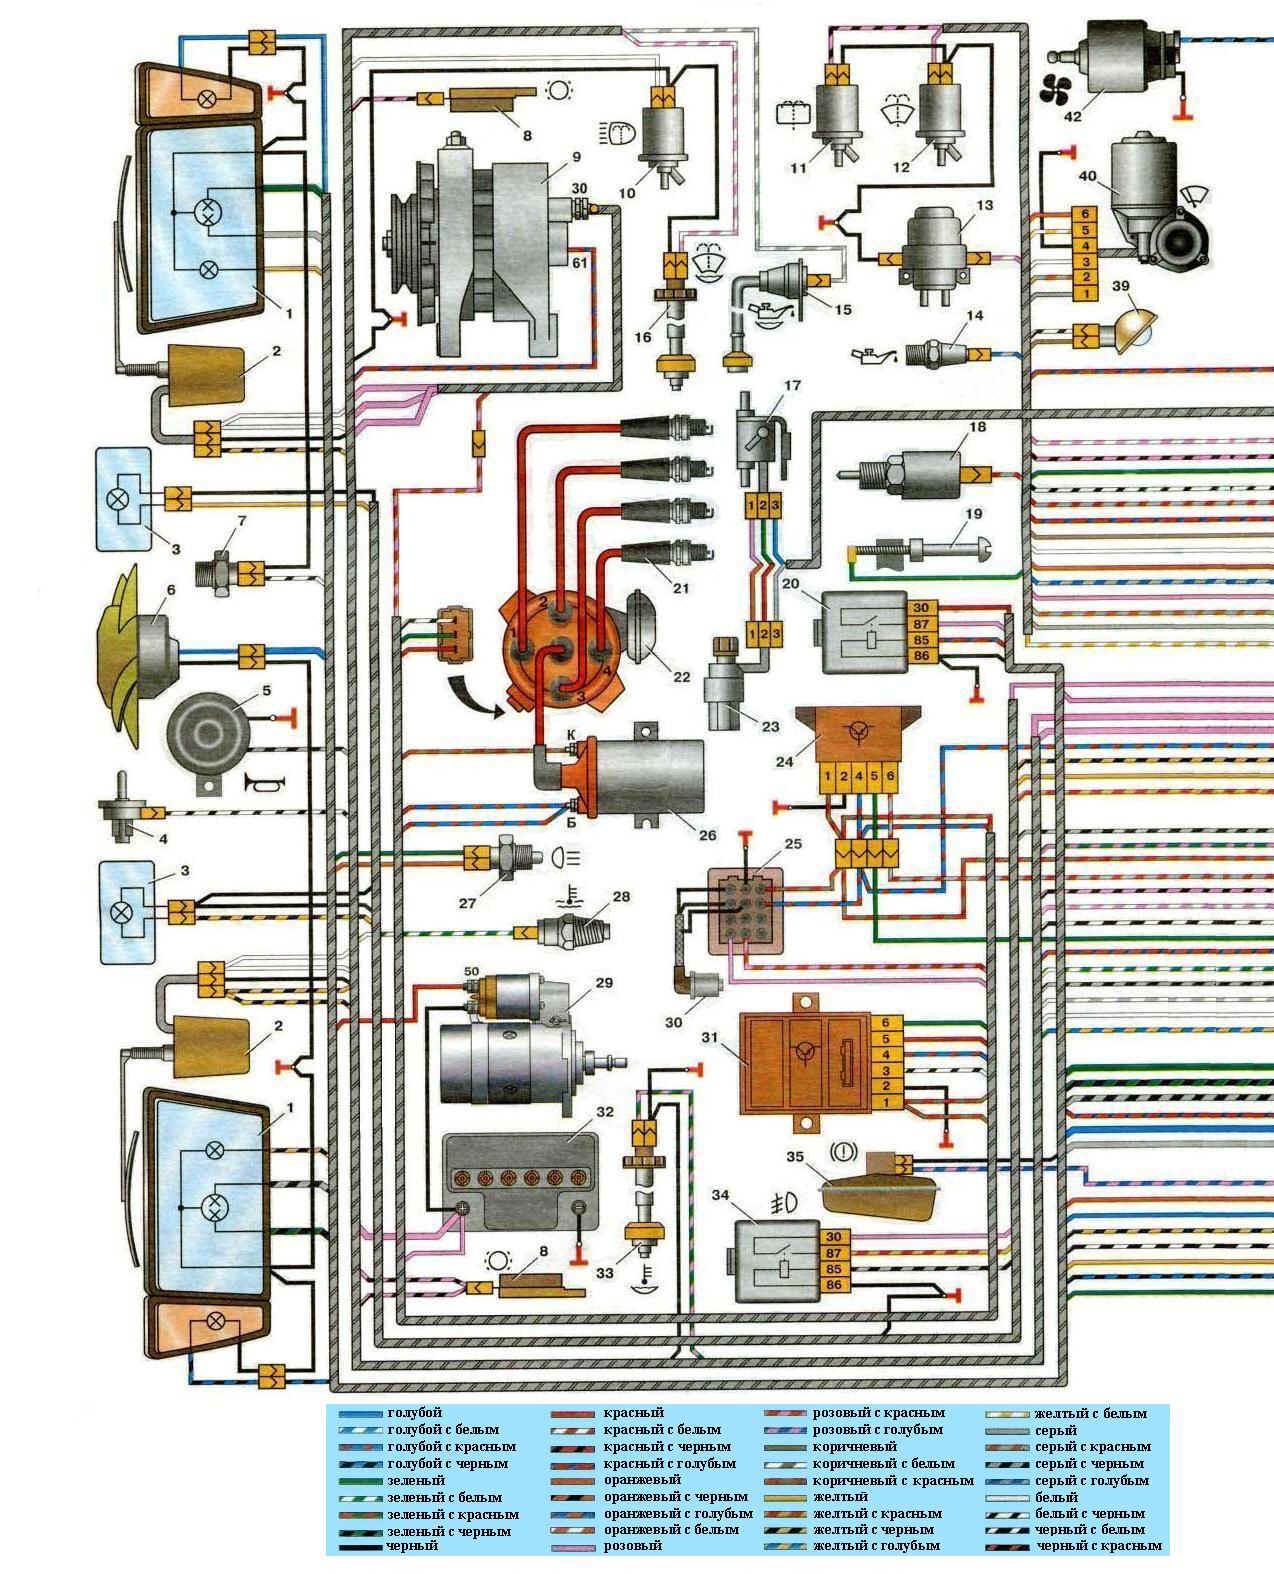 Похожие статьи схема электропроводки автомобиля ваз 21213 схема электрооборудования автомобиля ваз 21093 ваз 21099...